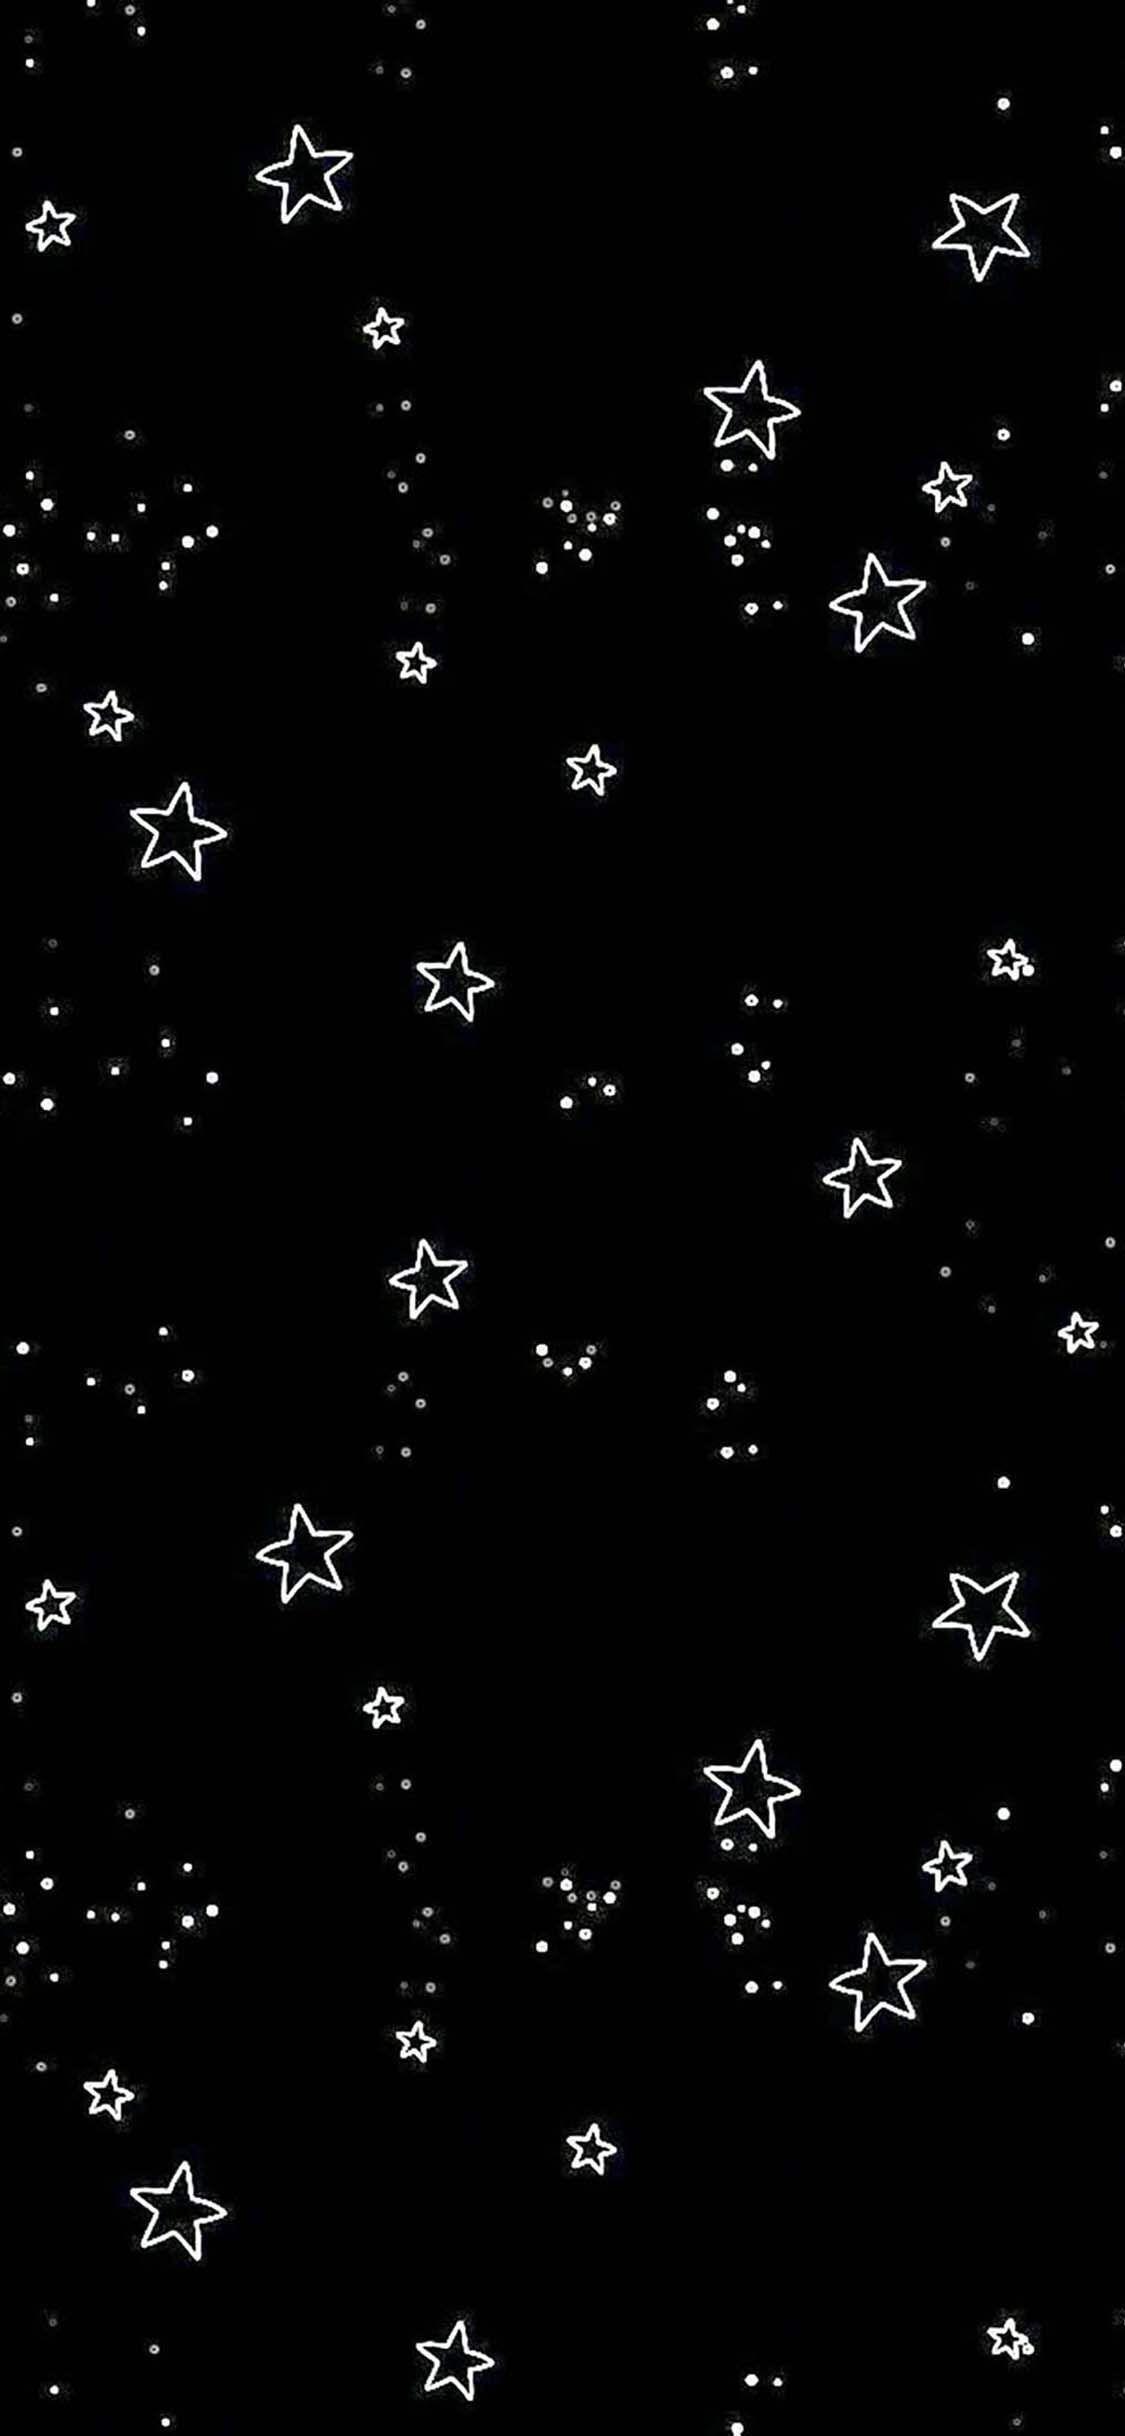 Black Phone Wallpaper In 2020 Cool Black Wallpaper Star Wallpaper Black Wallpaper